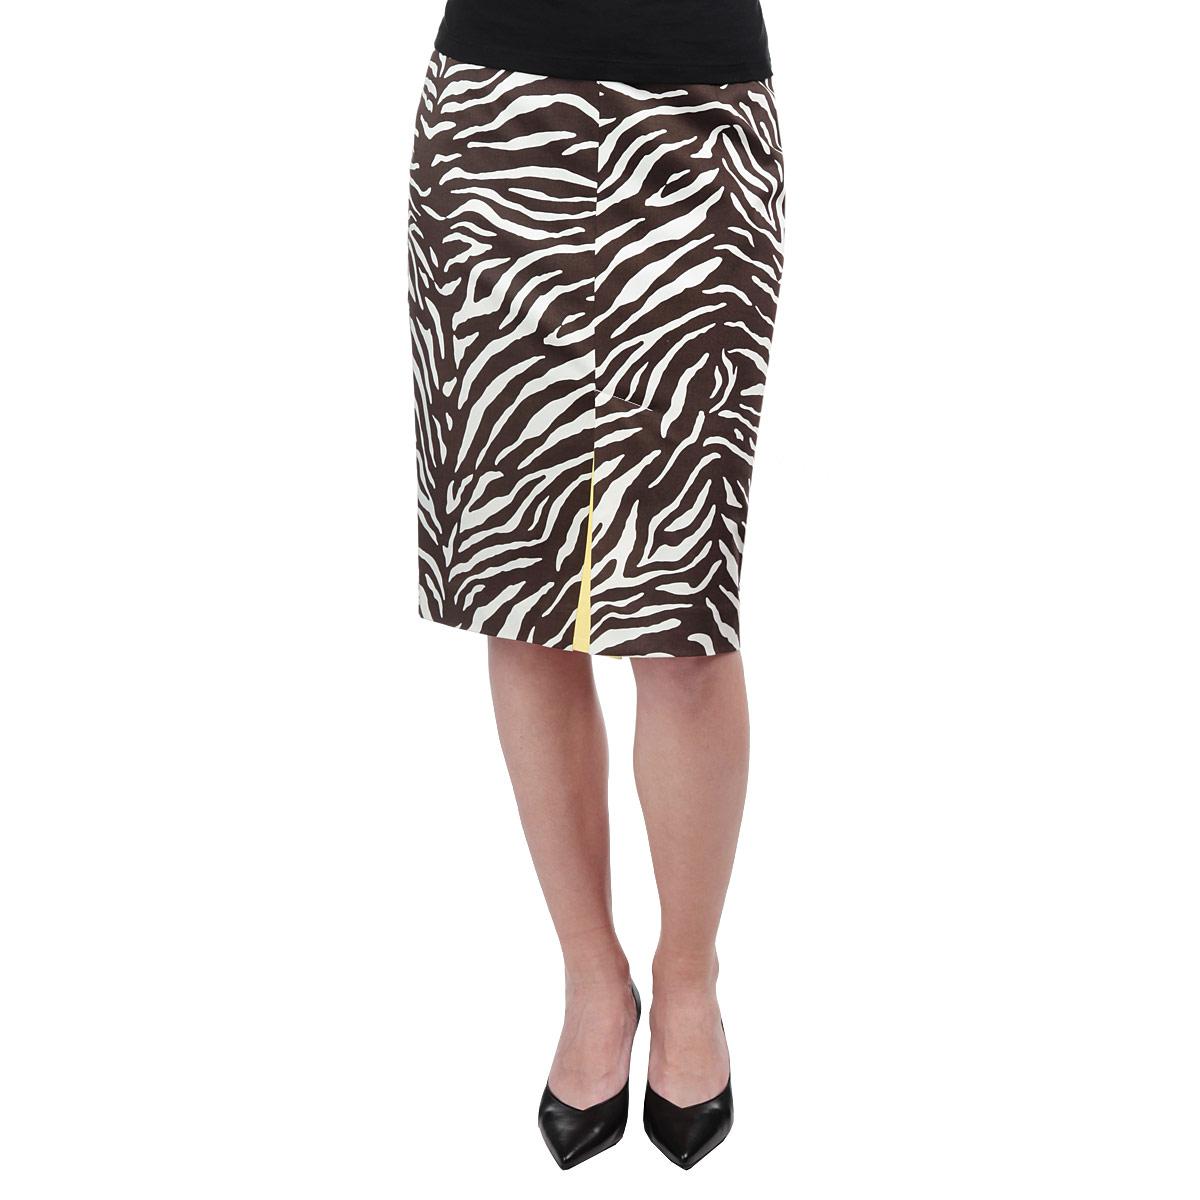 Юбка. Y6319-0098Y6319-0098Модная юбка Yarash, изготовленная из высококачественного плотного материала, подарит ощущение радости и комфорта. Модель классического фасона, с посадкой на талии, сзади застегивается на потайную молнию. Изделие с принтом зебра дополнено актуальными разрезами со вставкой контрастного цвета - спереди и сзади. Элегантный дизайн и модный крой сделают эту вещь любимым предметом вашего гардероба. В этой юбке вы будете чувствовать себя неотразимой, оставаясь в центре внимания.